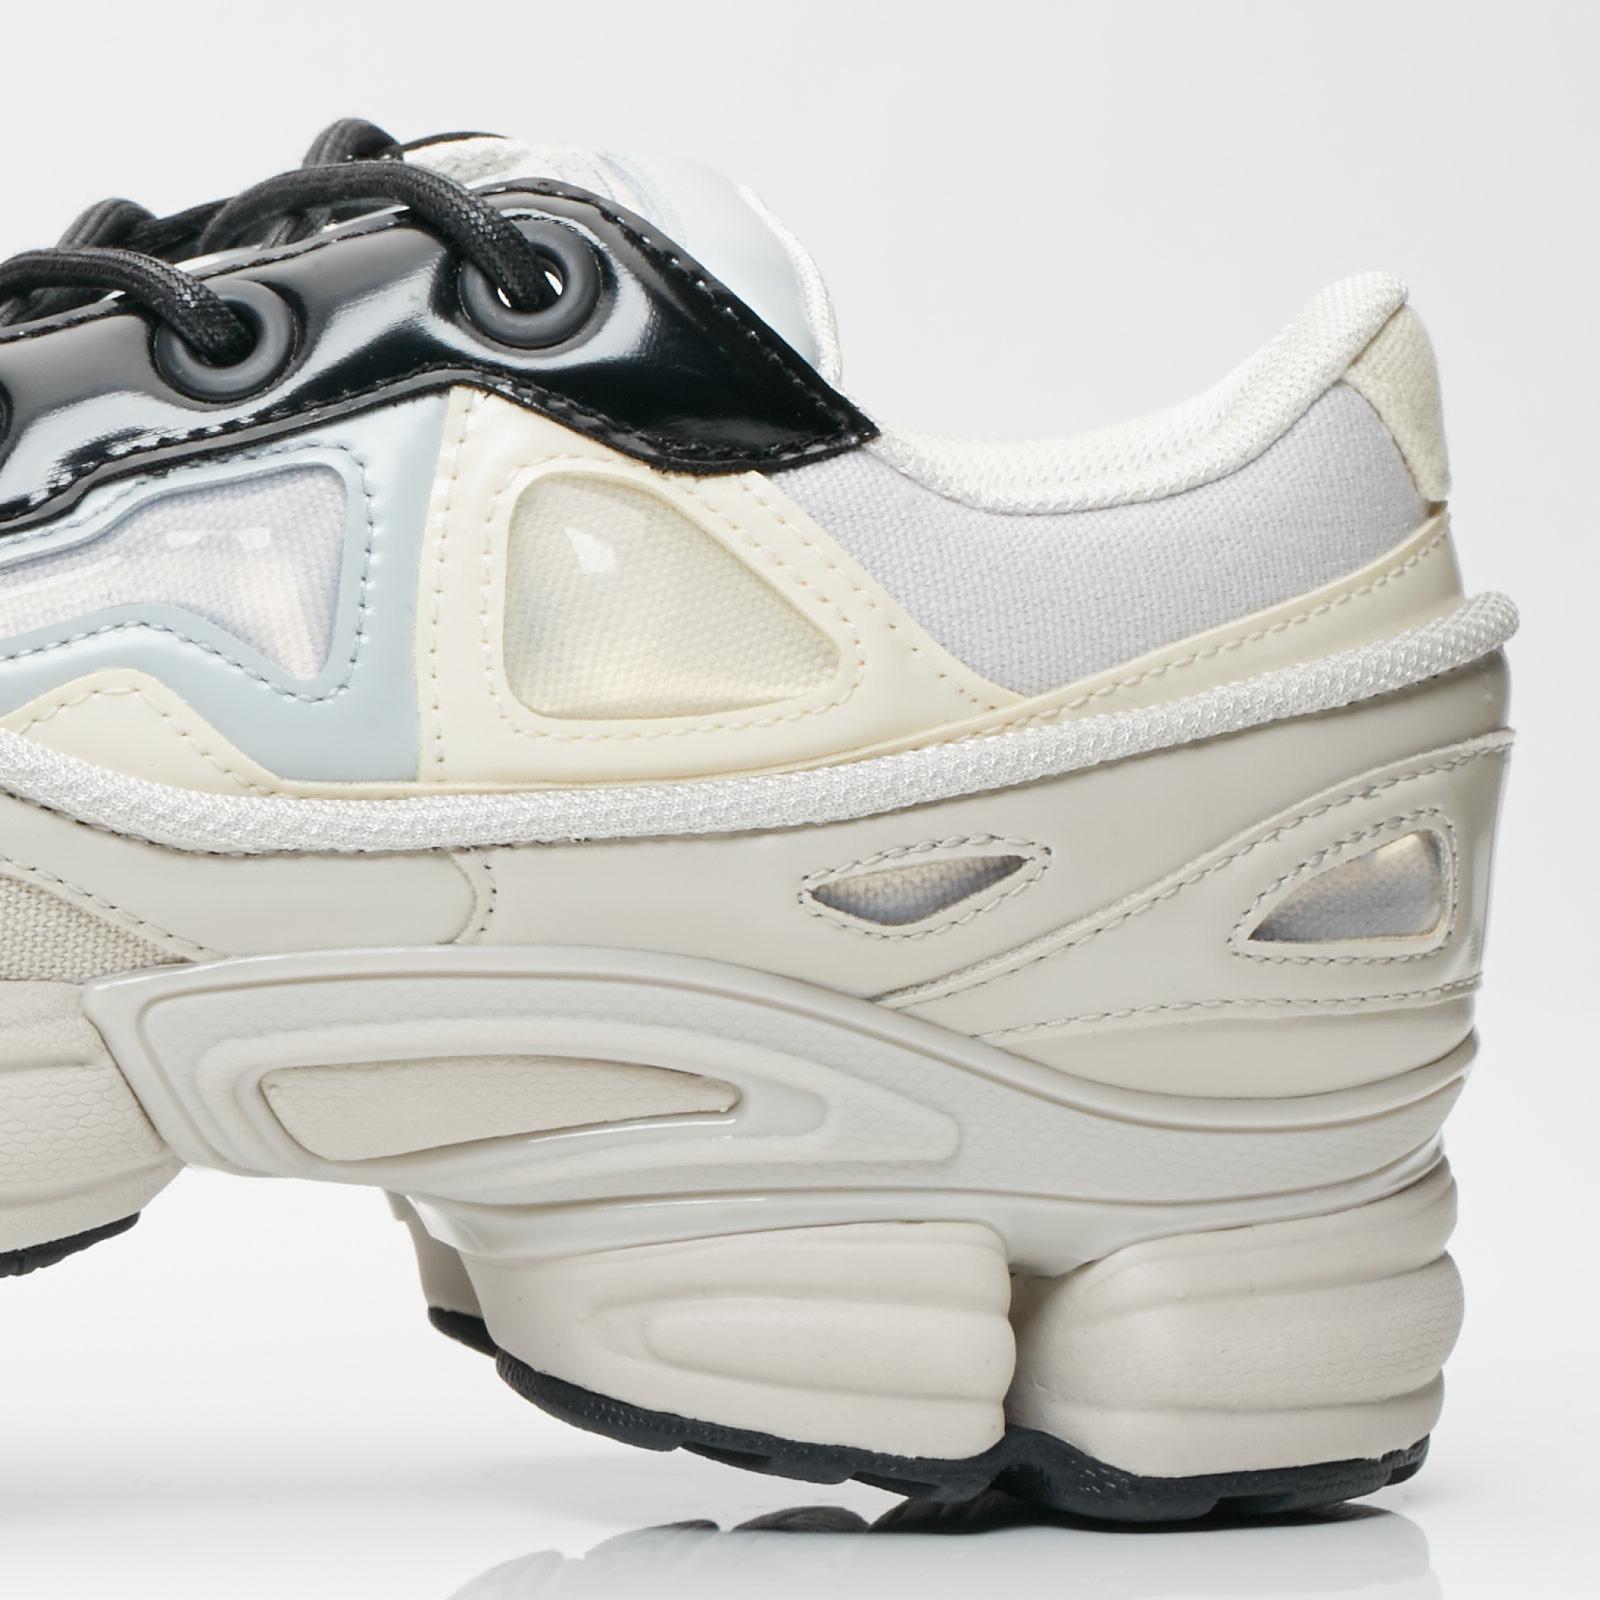 buy online 5eaea 113e5 ... adidas x Raf Simons Raf Simons Ozweego III